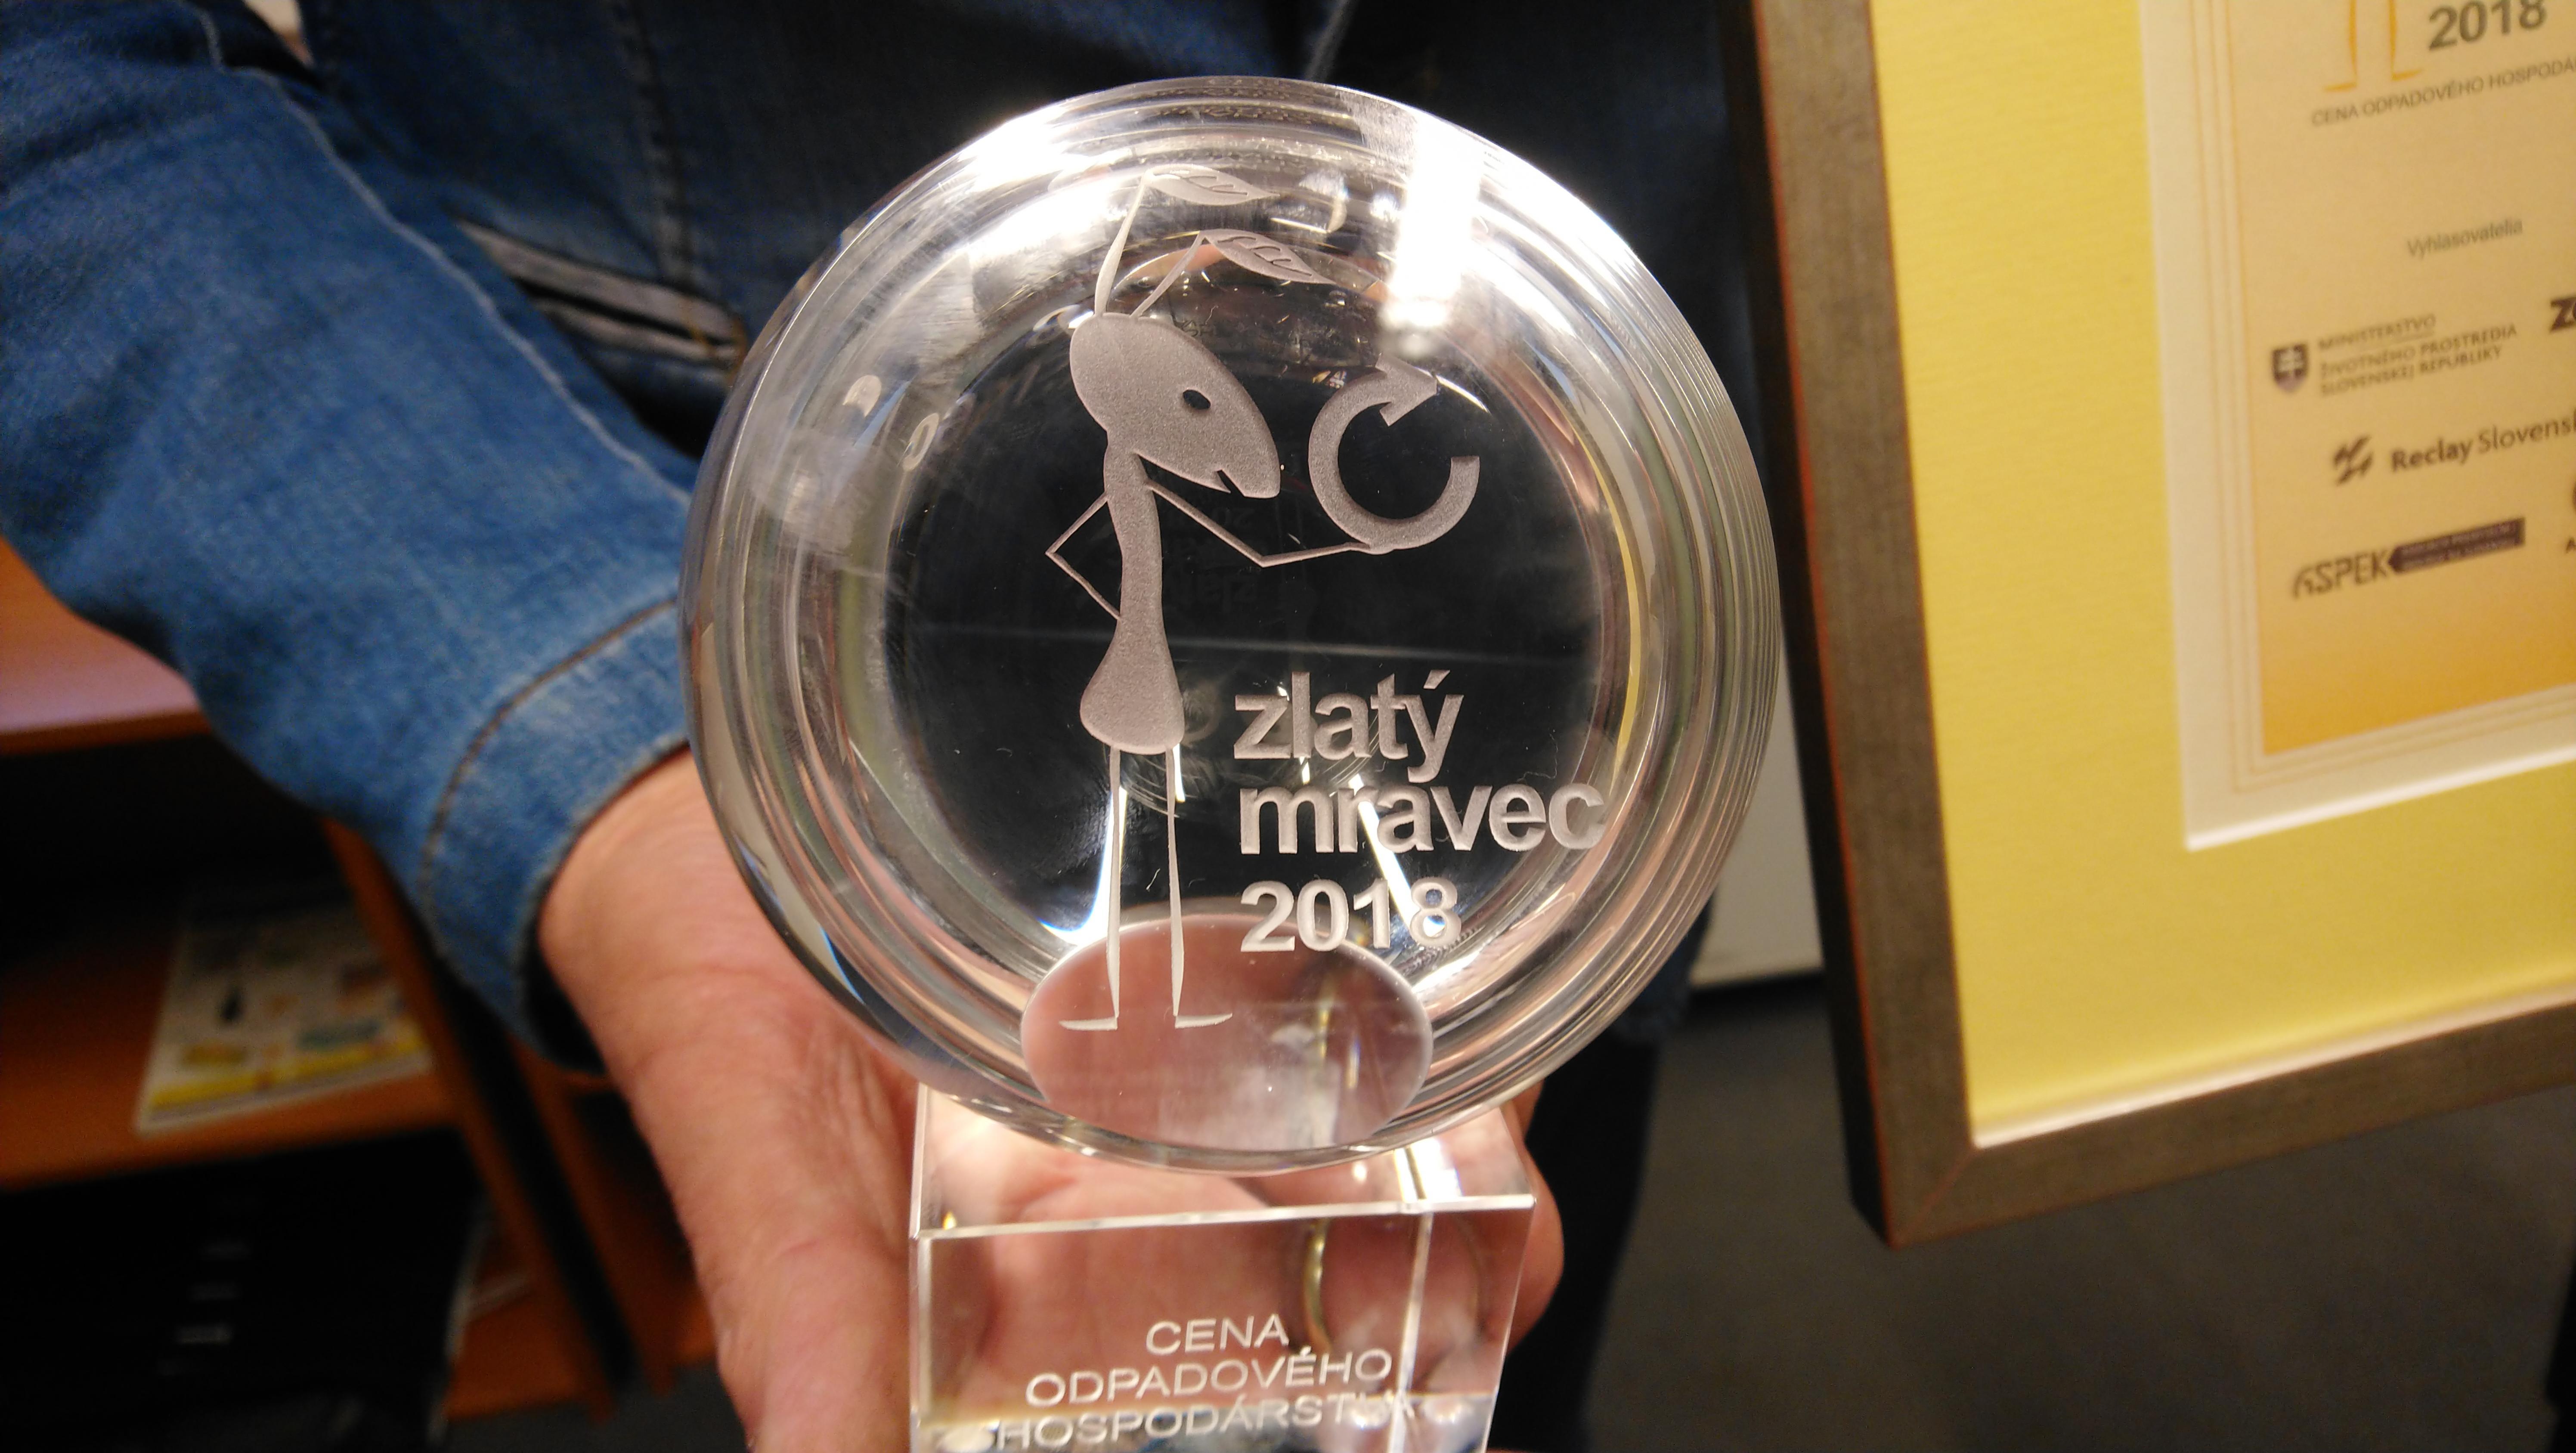 ocenenie zlaty mravec v spolupraci s Envi Geos Nitra